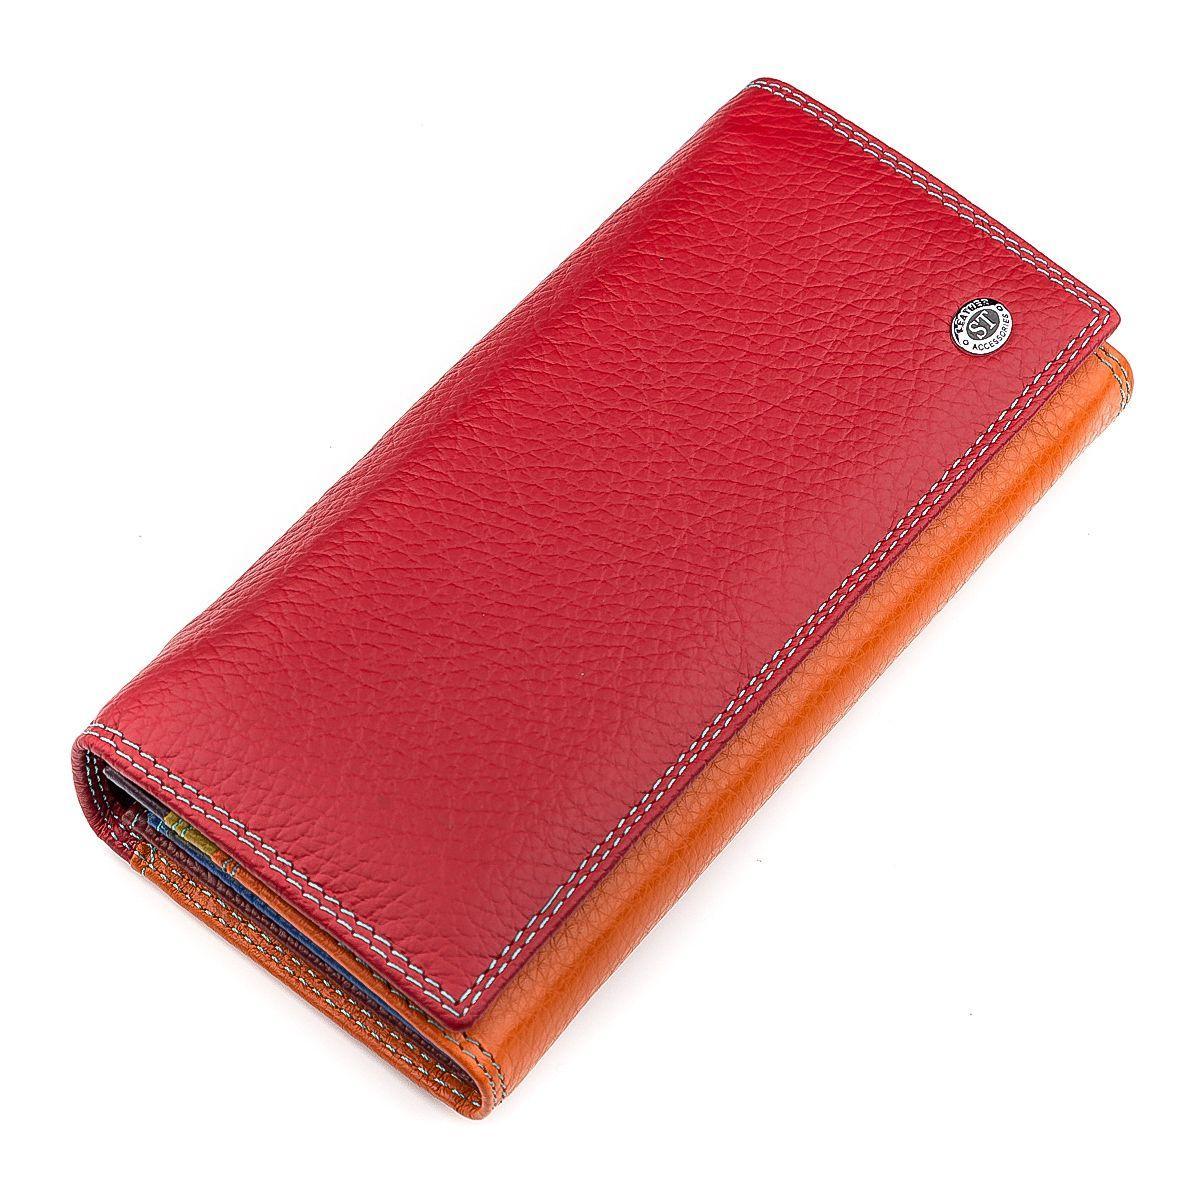 Кошелек женский ST Leather 18386 (SB237) кожа Красный, Красный